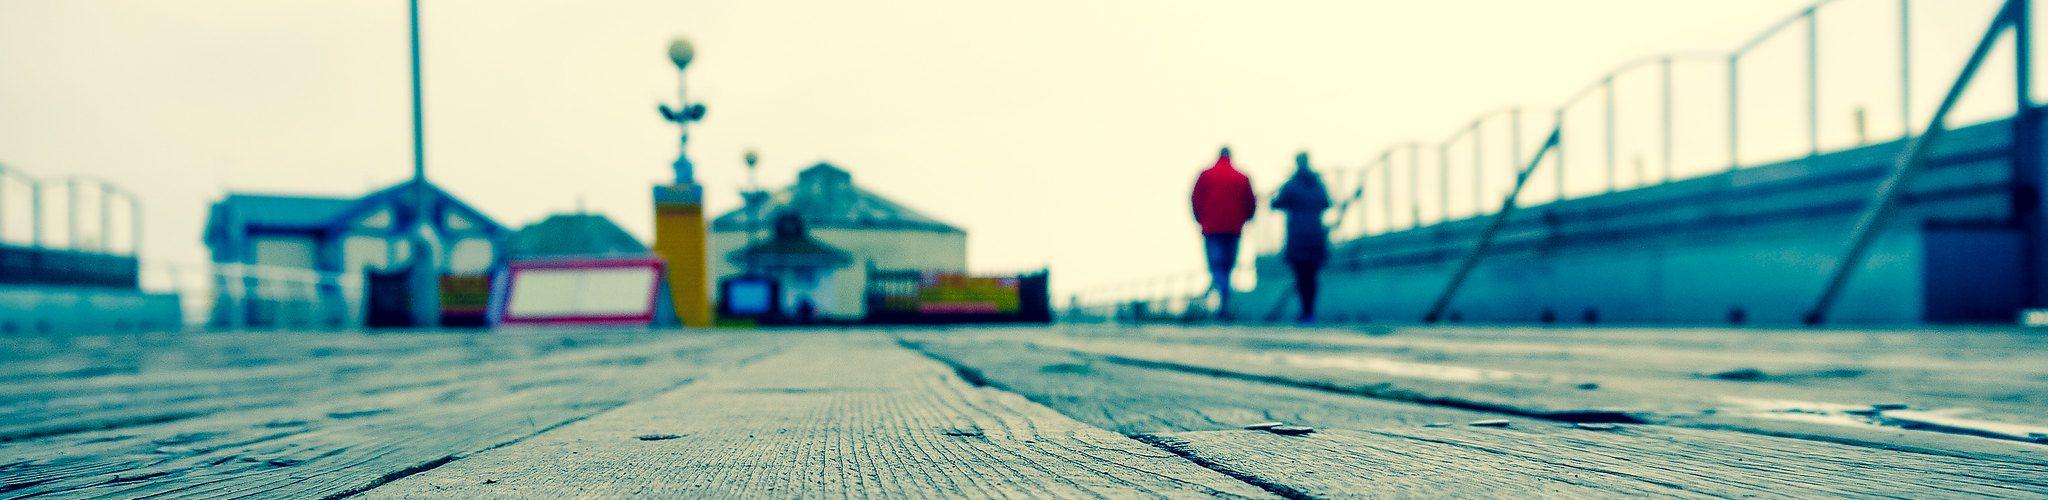 walking on a pier